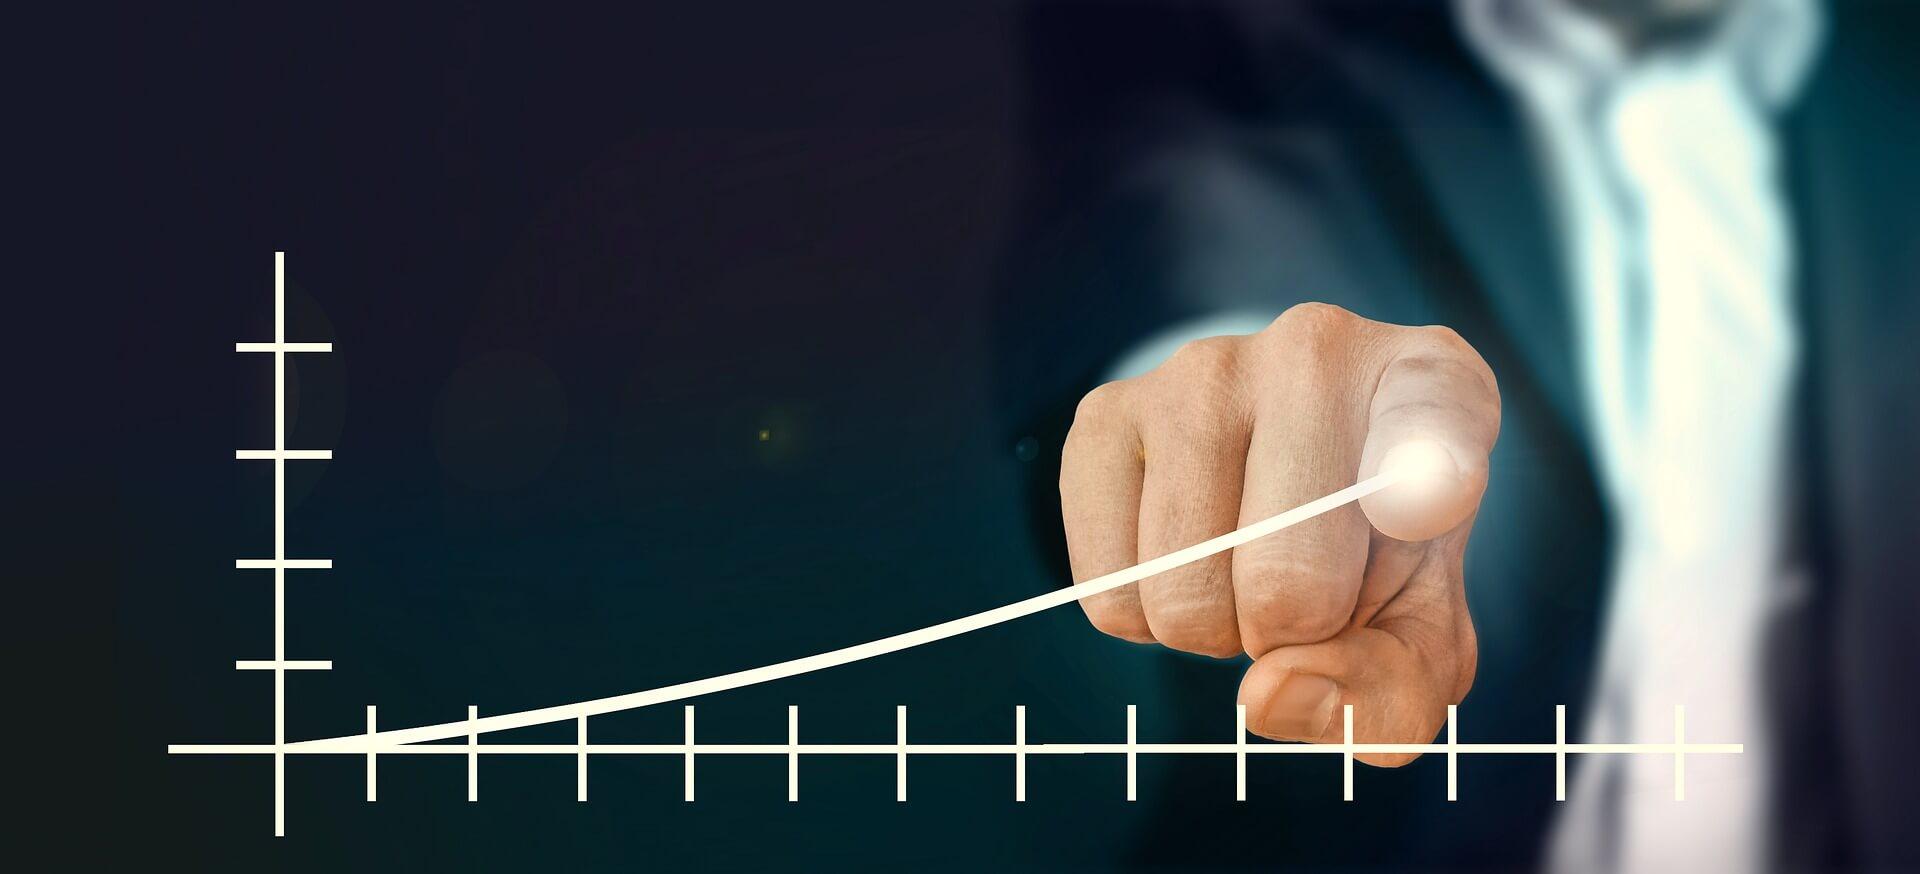 תשואות קופות גמל להשקעה 2020 (1)